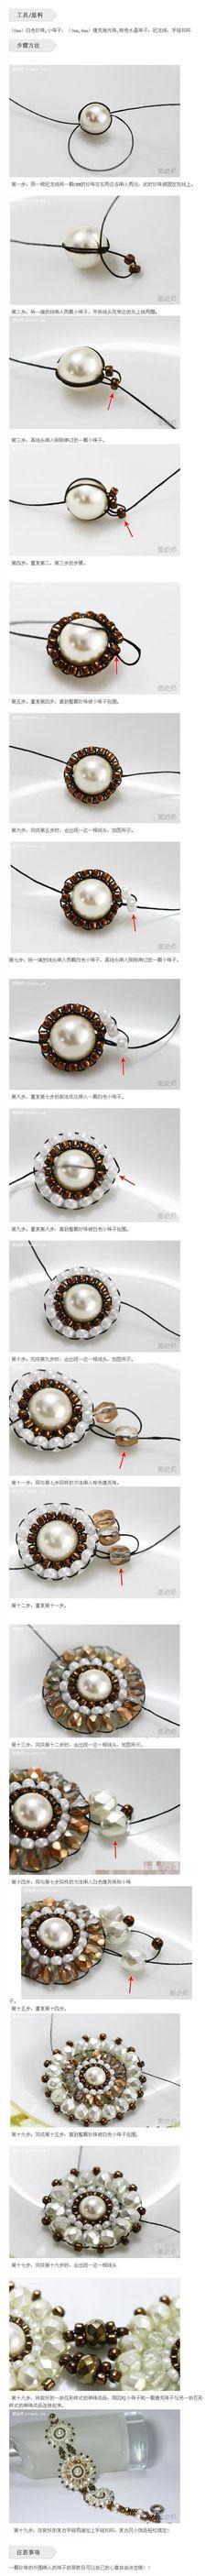 Tutorial for a Retro beaded bracelet #DIY #Beaded_Bracelet